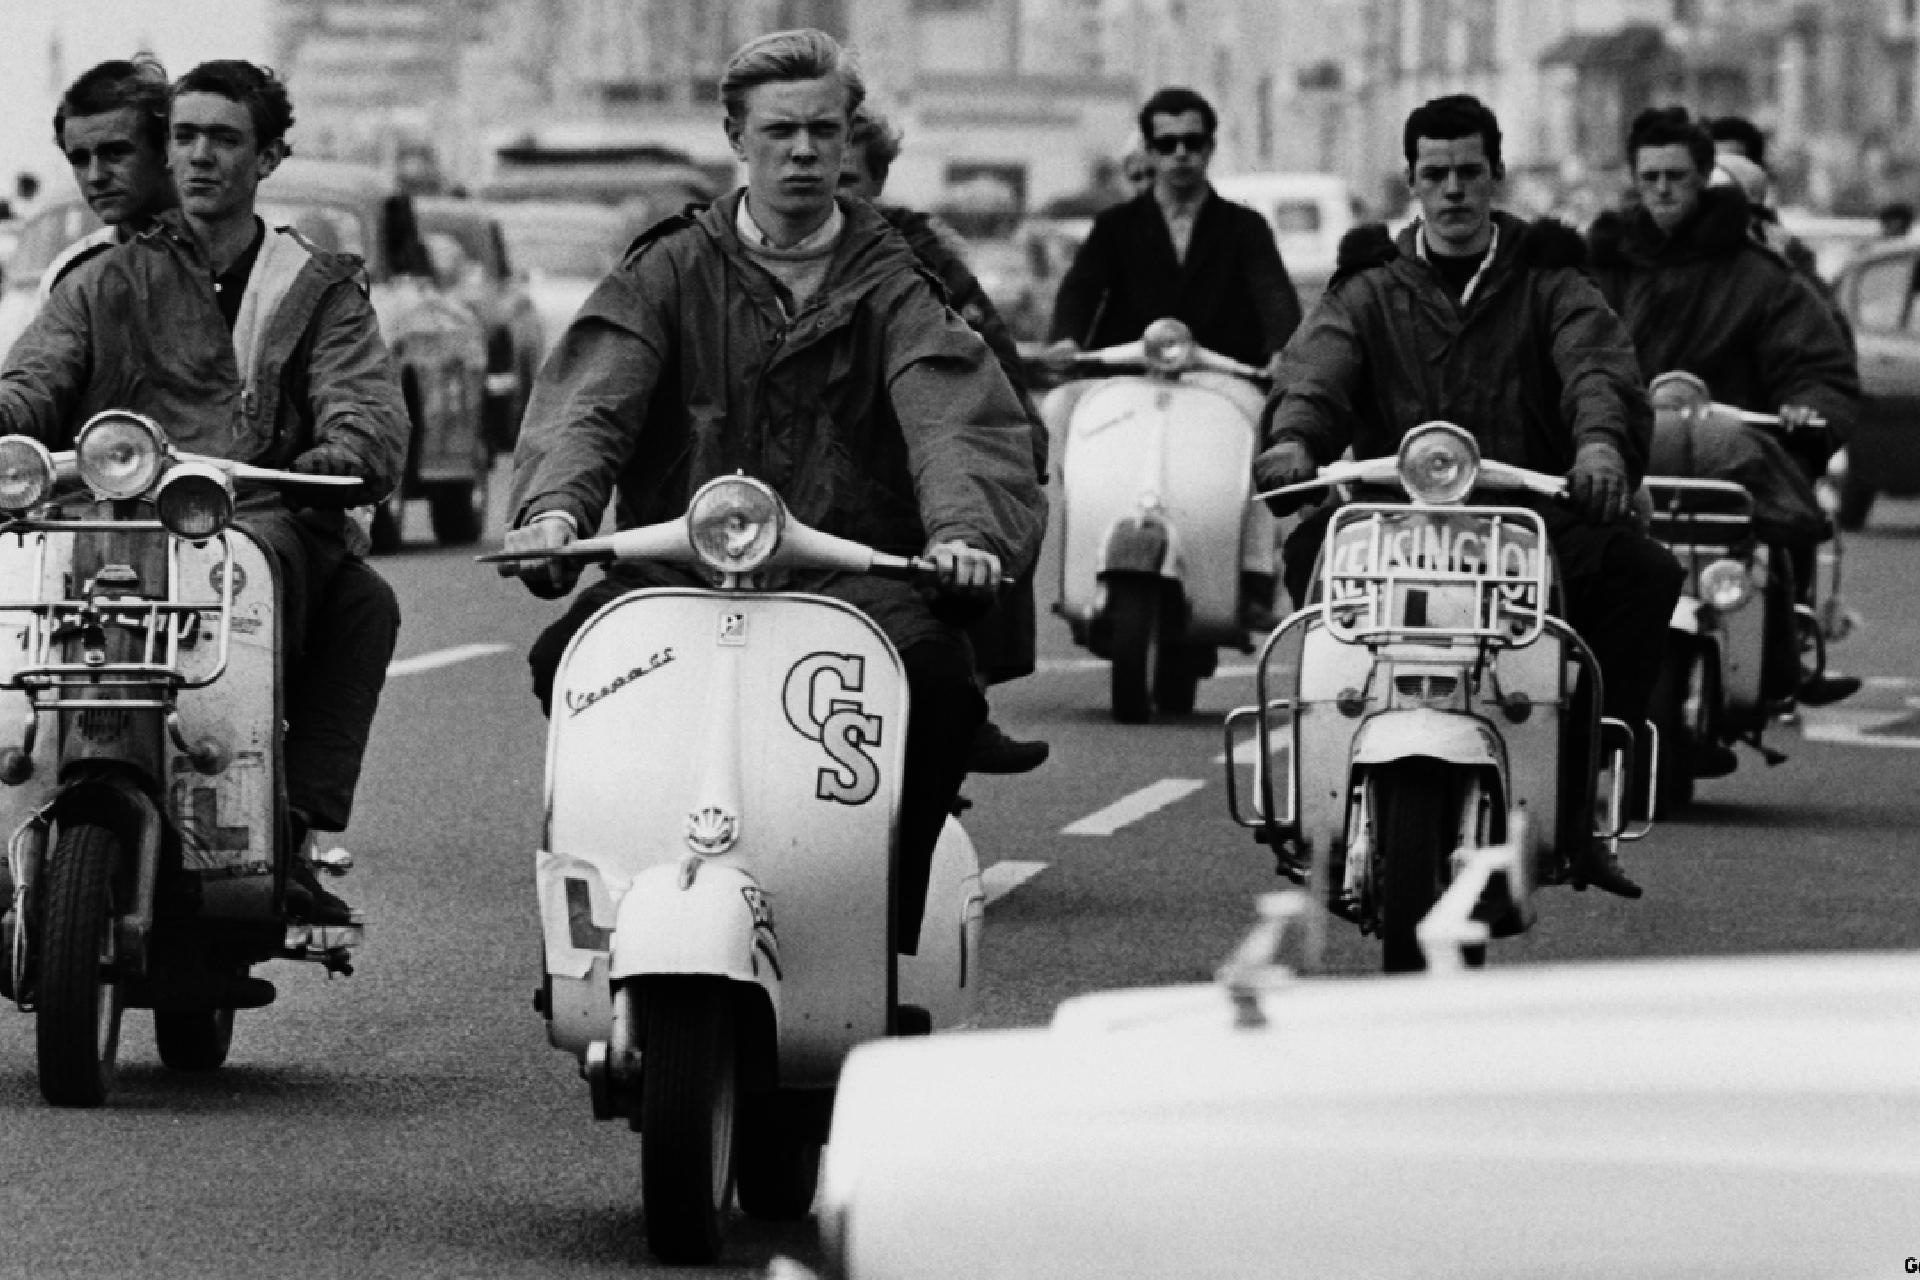 Historia mody męskiej, lata 60. w modzie męskiej, Modsi, Styl The Who